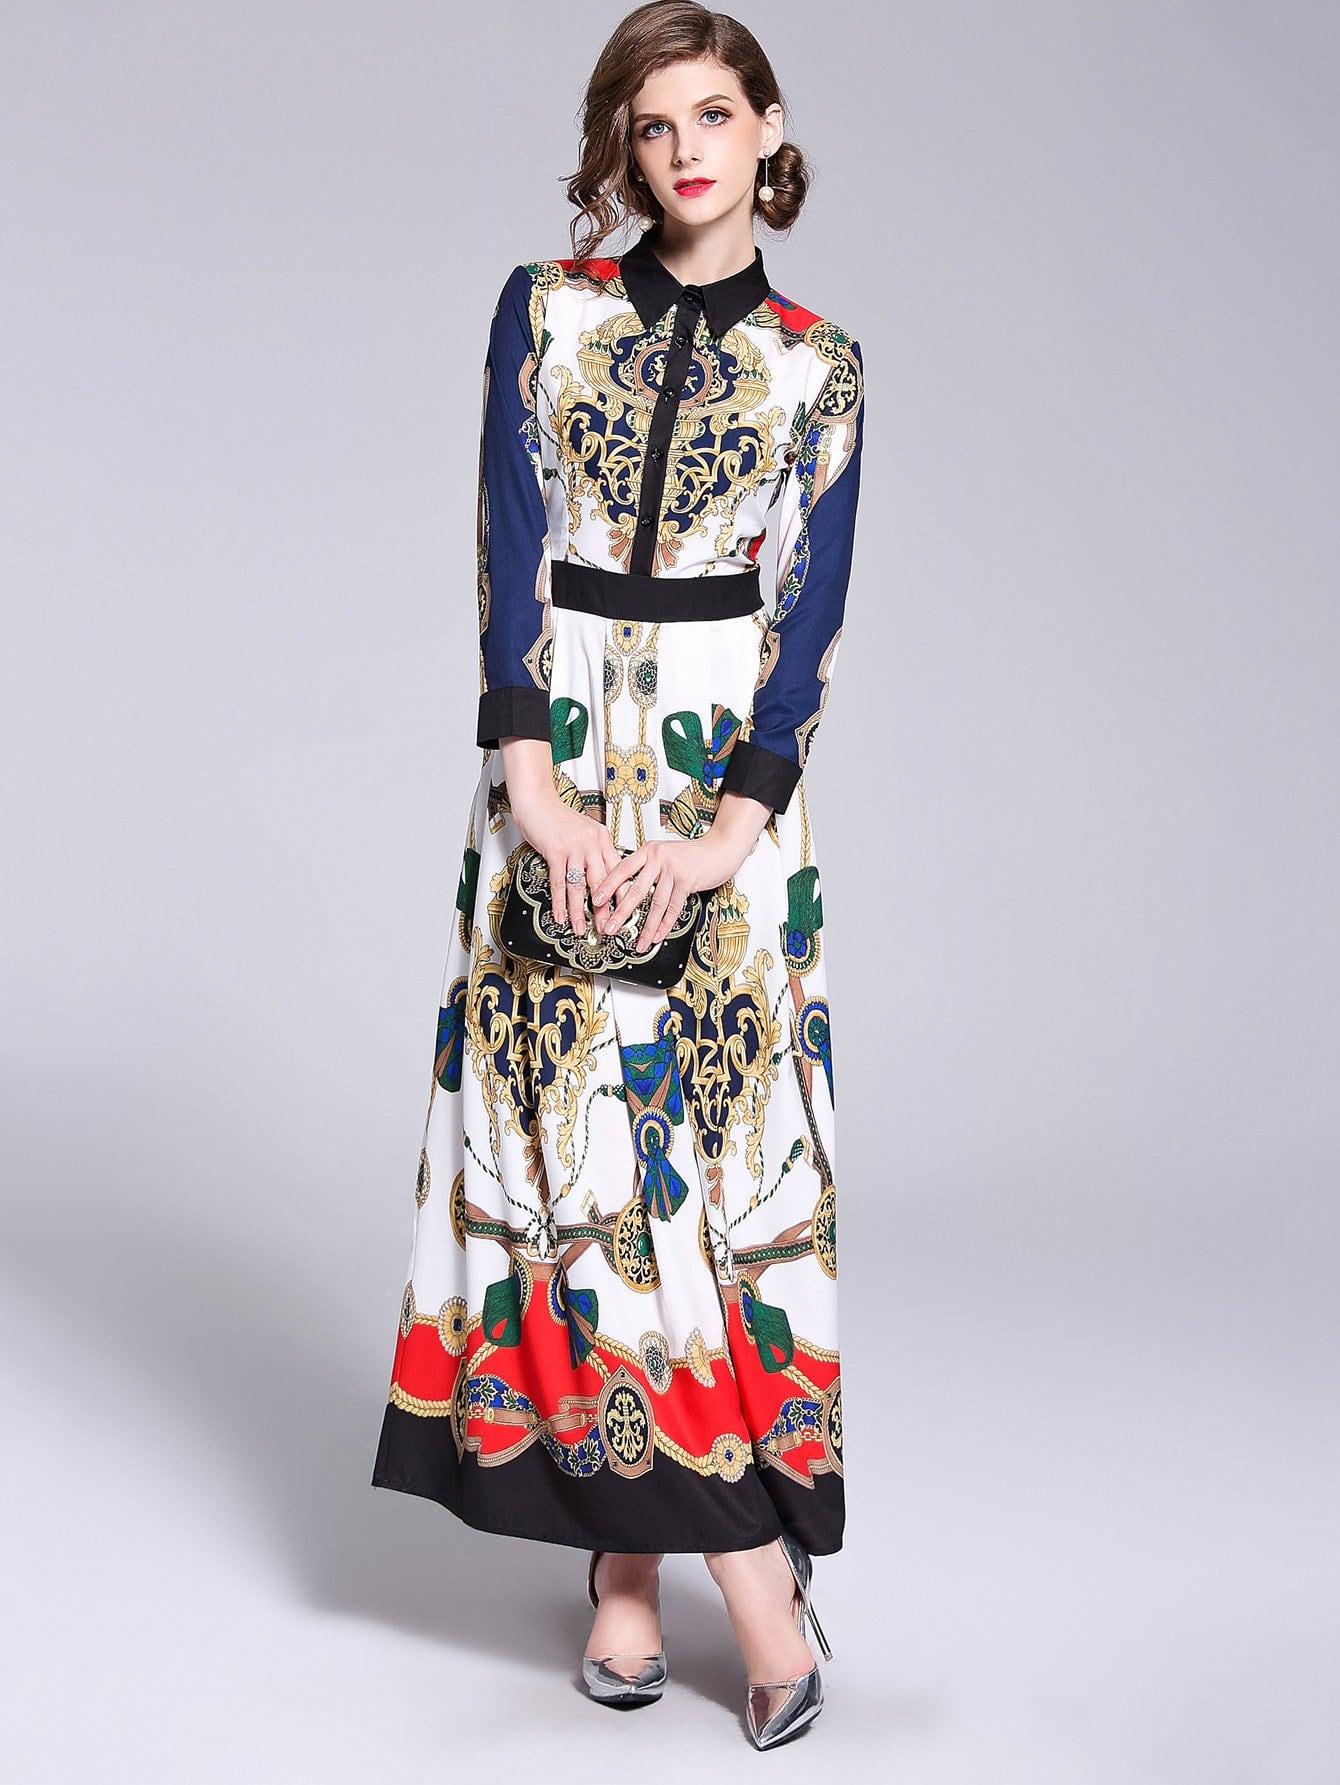 Купить Платье с украшением пуговиц и с рисунками живописи, null, SheIn